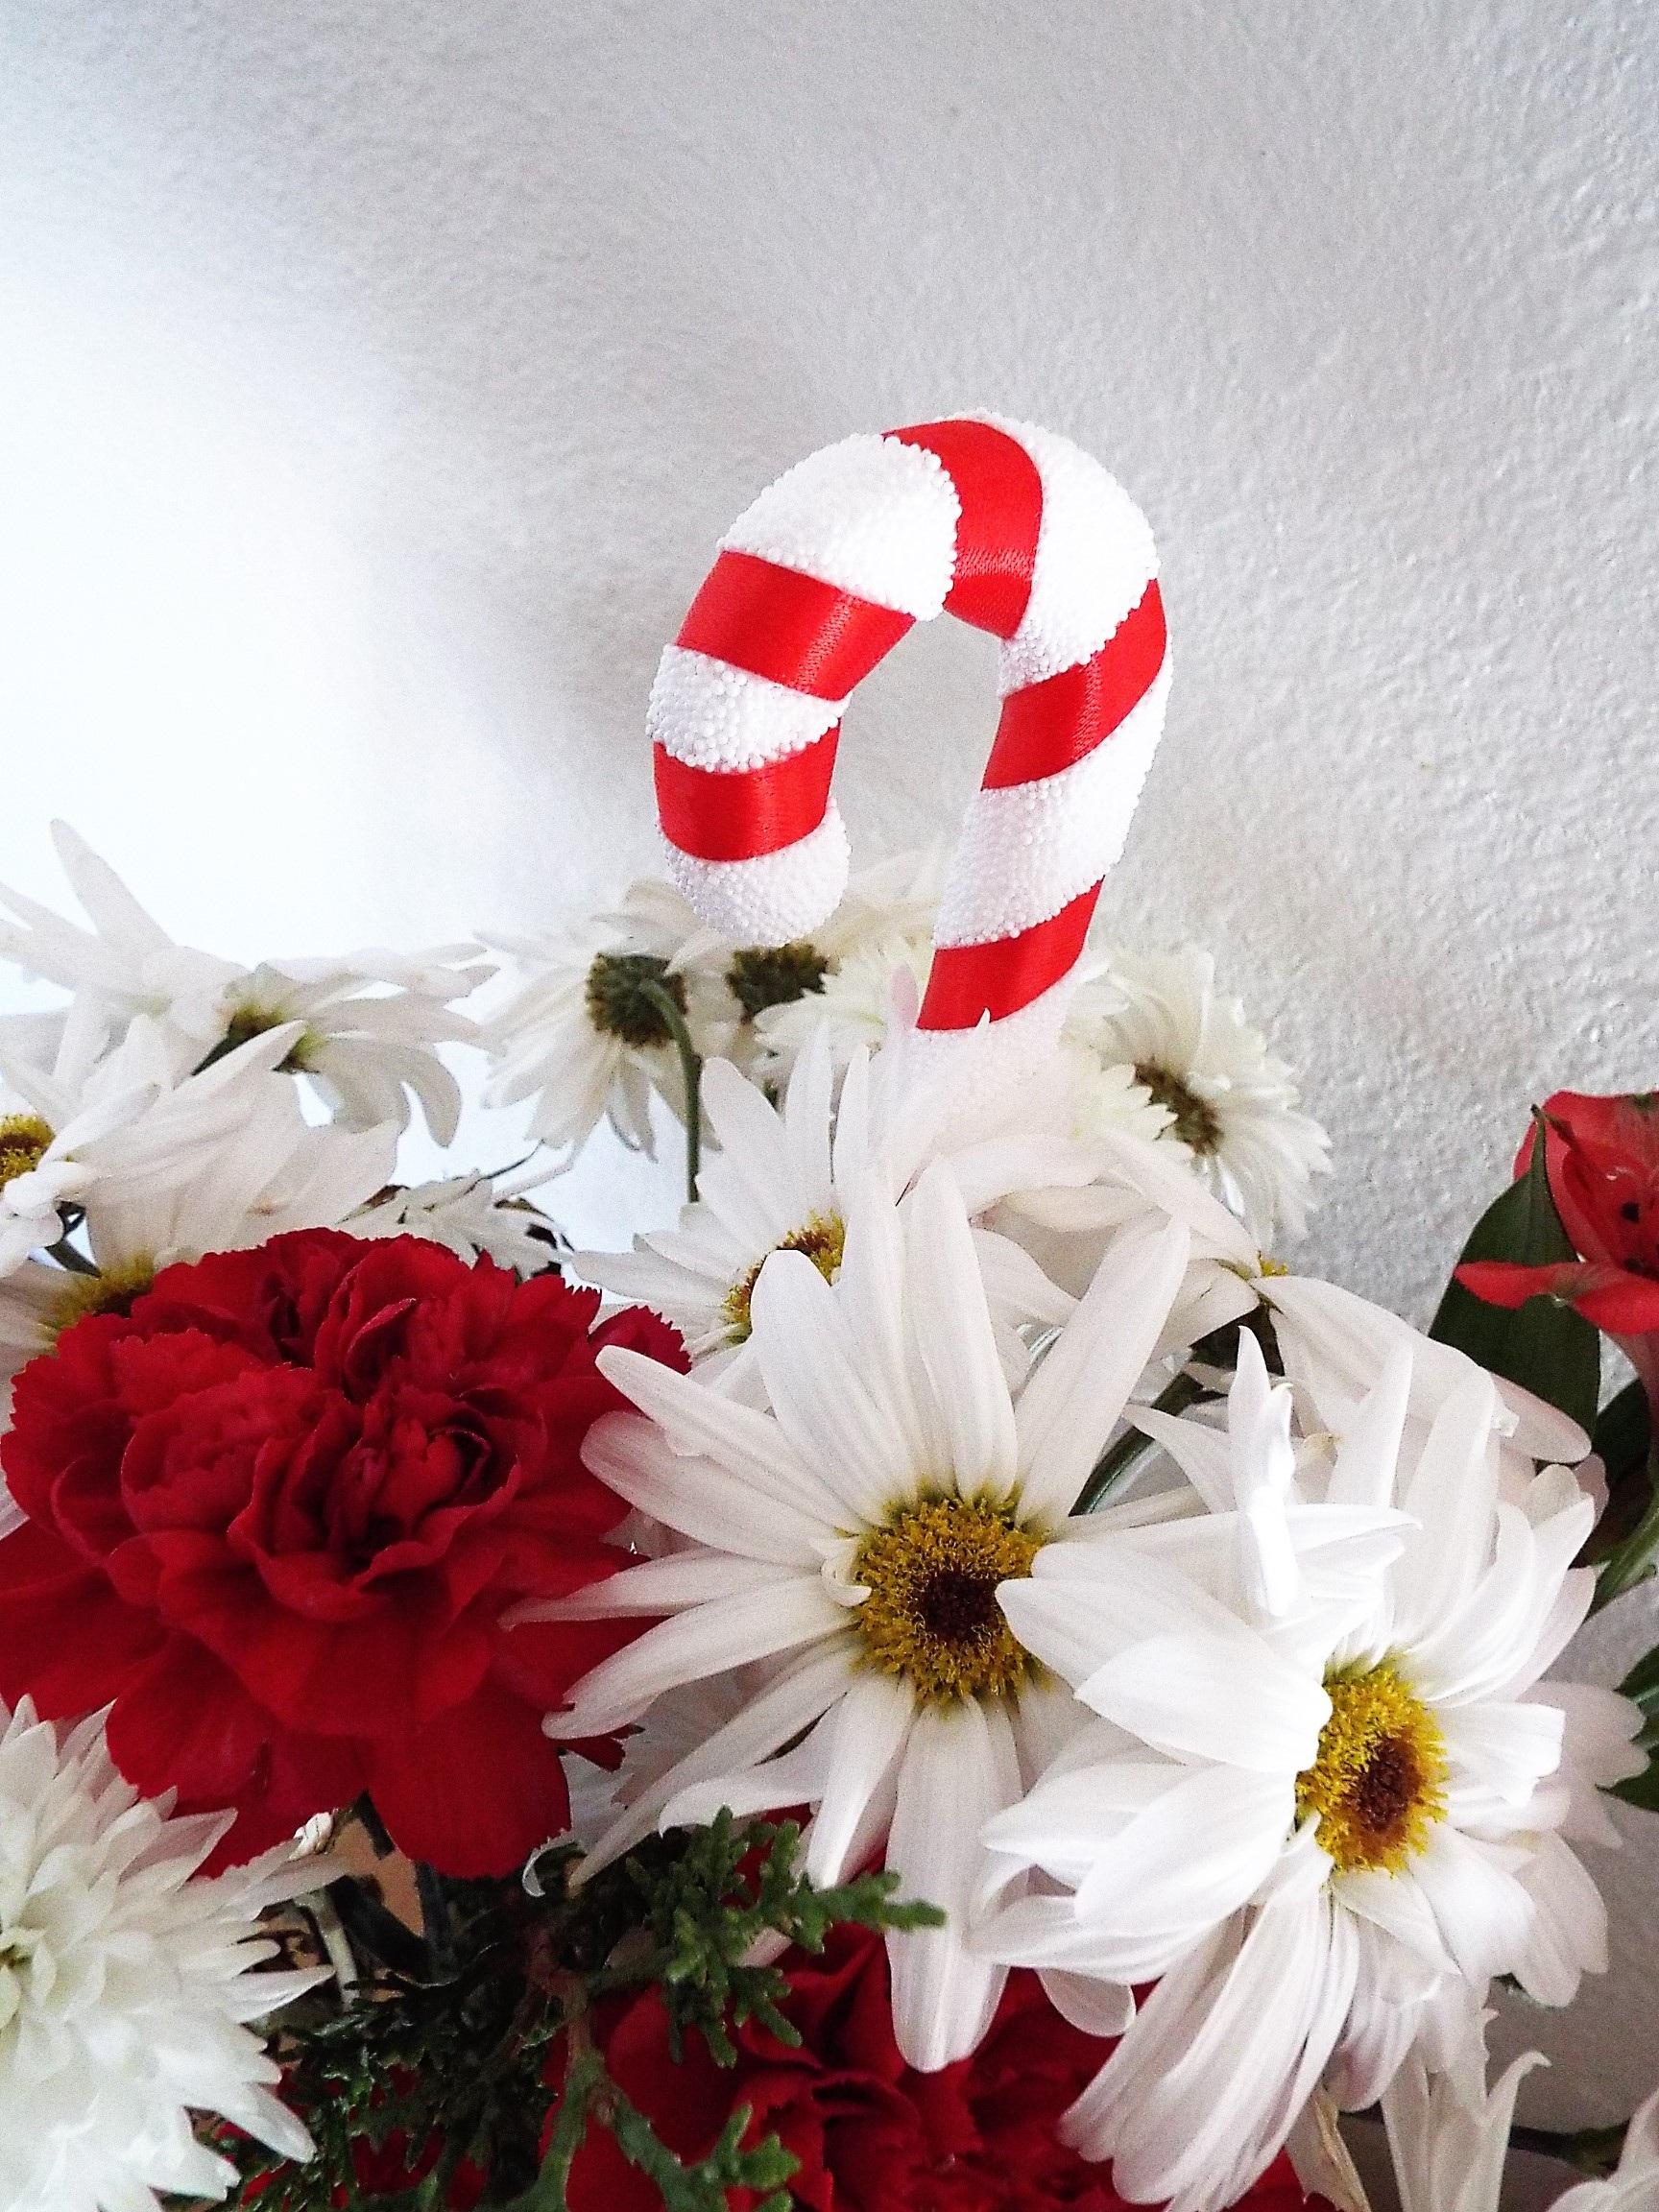 kostenlose foto : weiß, blume, blütenblatt, blumen-, rot, Einladungen